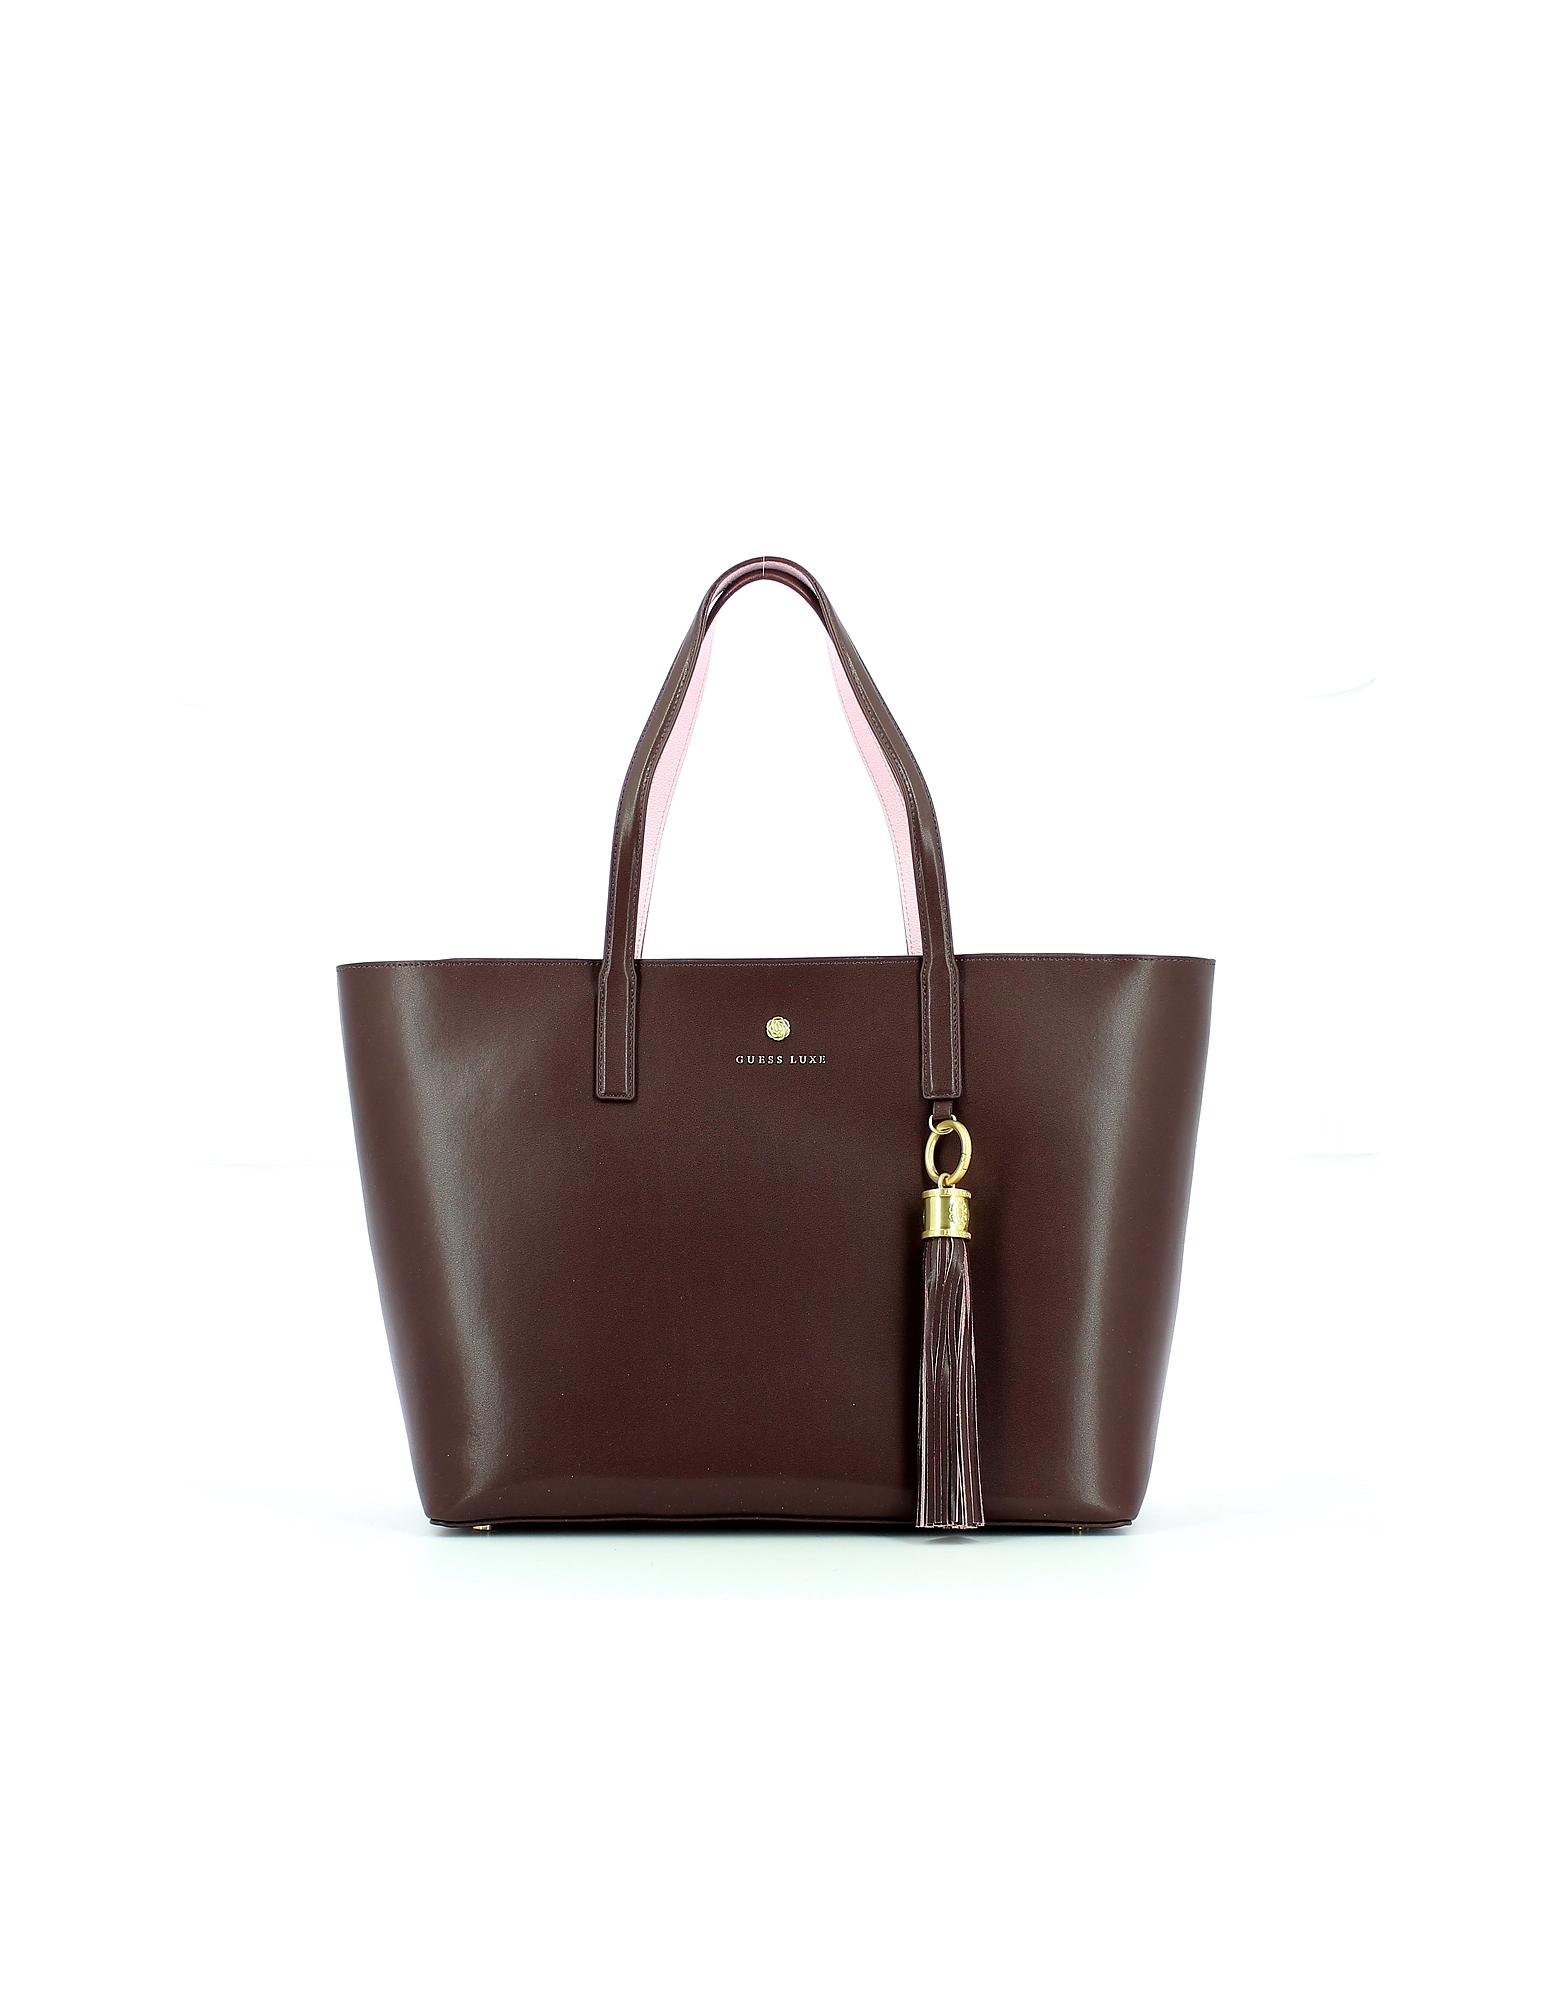 Guess Designer Handbags, Women's Red Bag